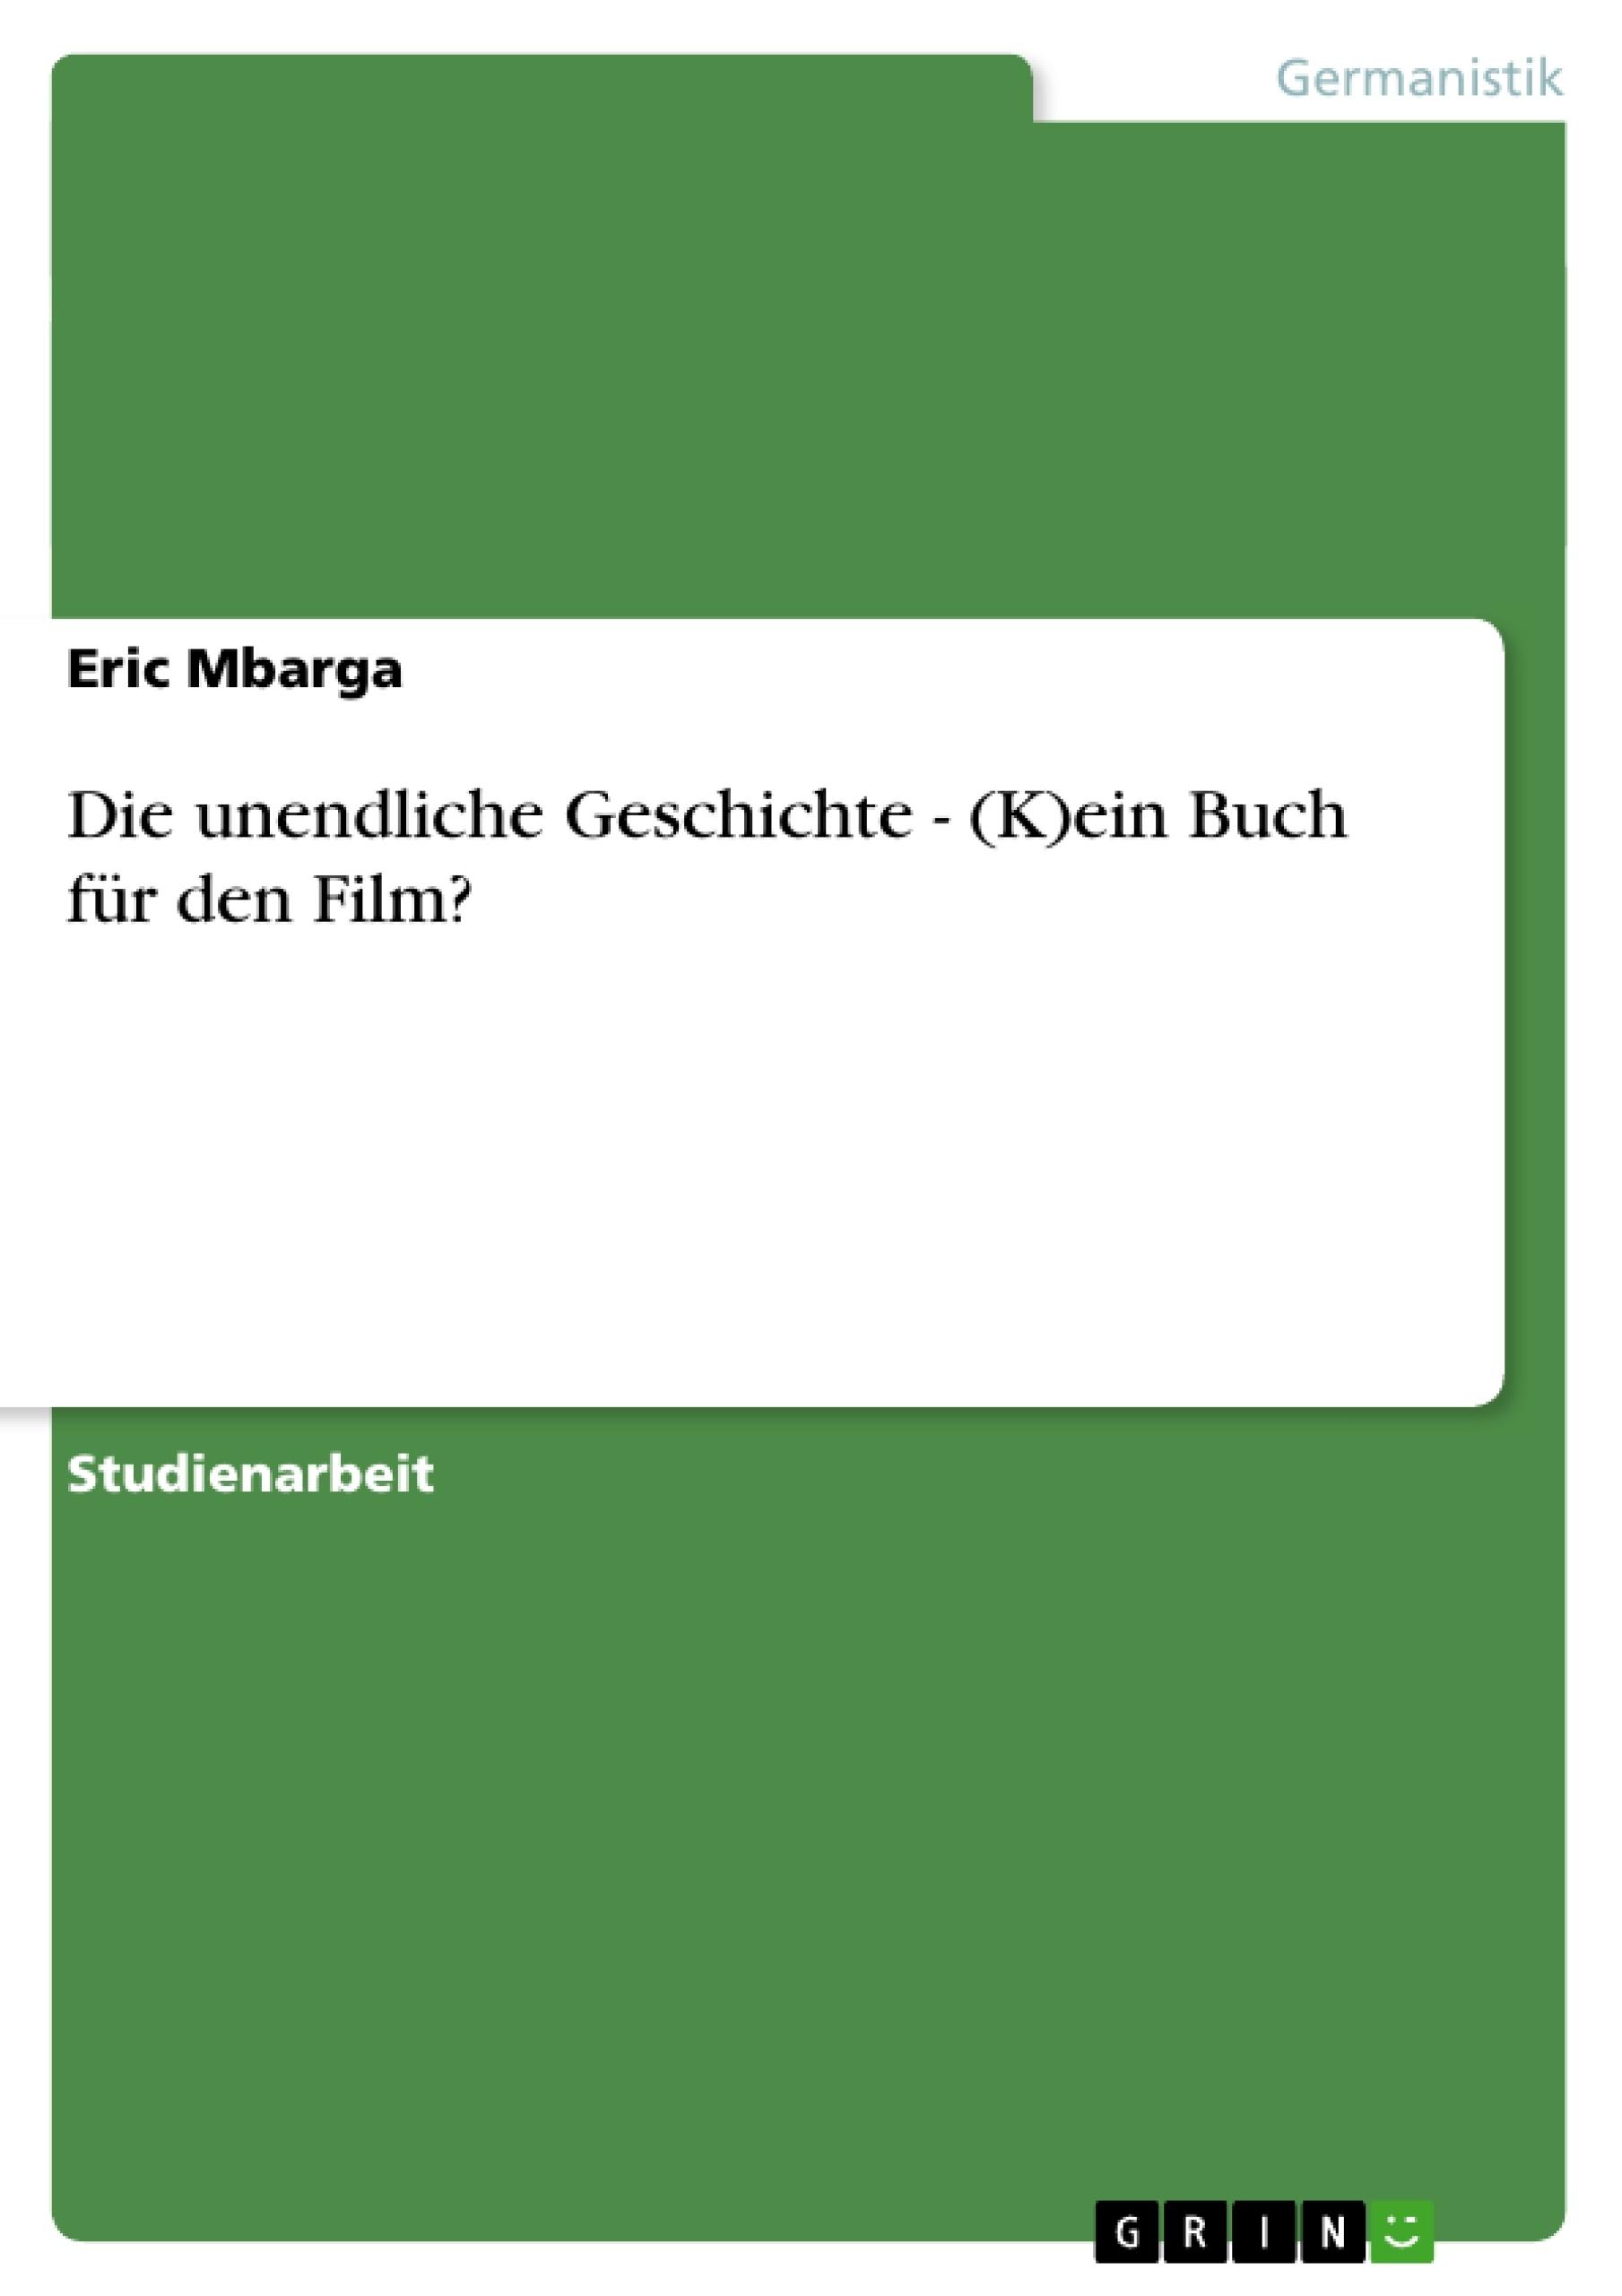 Titel: Die unendliche Geschichte - (K)ein Buch für den Film?